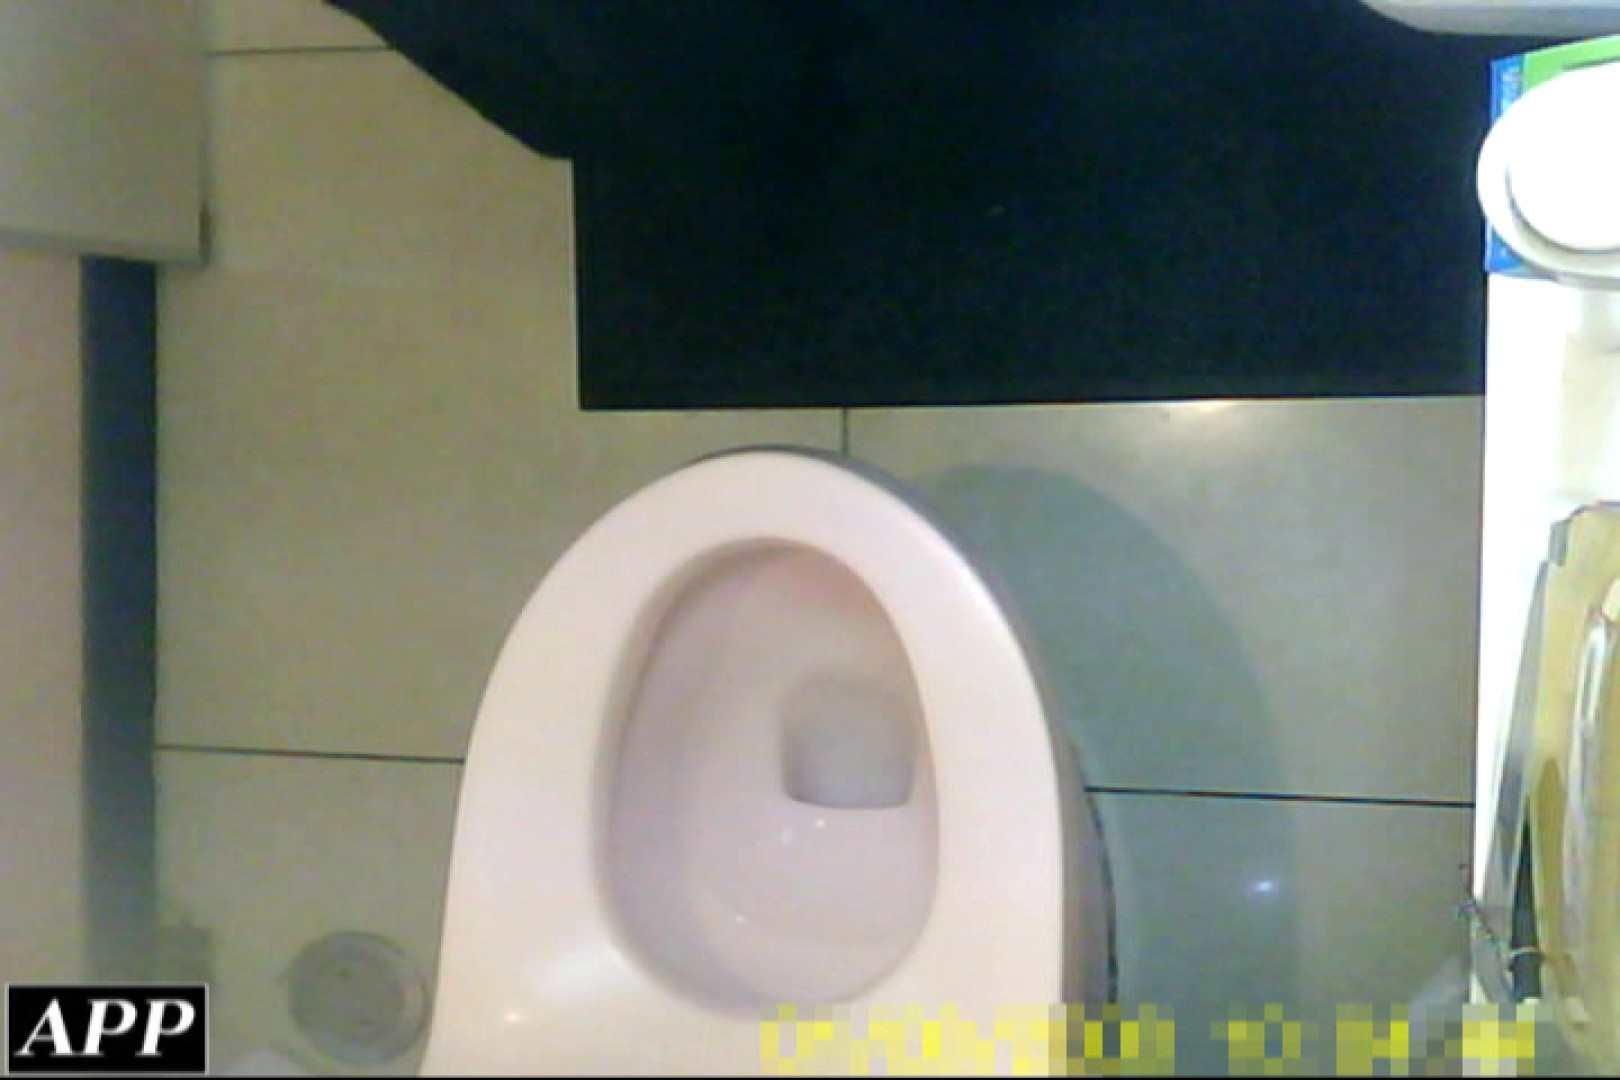 3視点洗面所 vol.020 洗面所 | OLエロ画像  44PICs 11